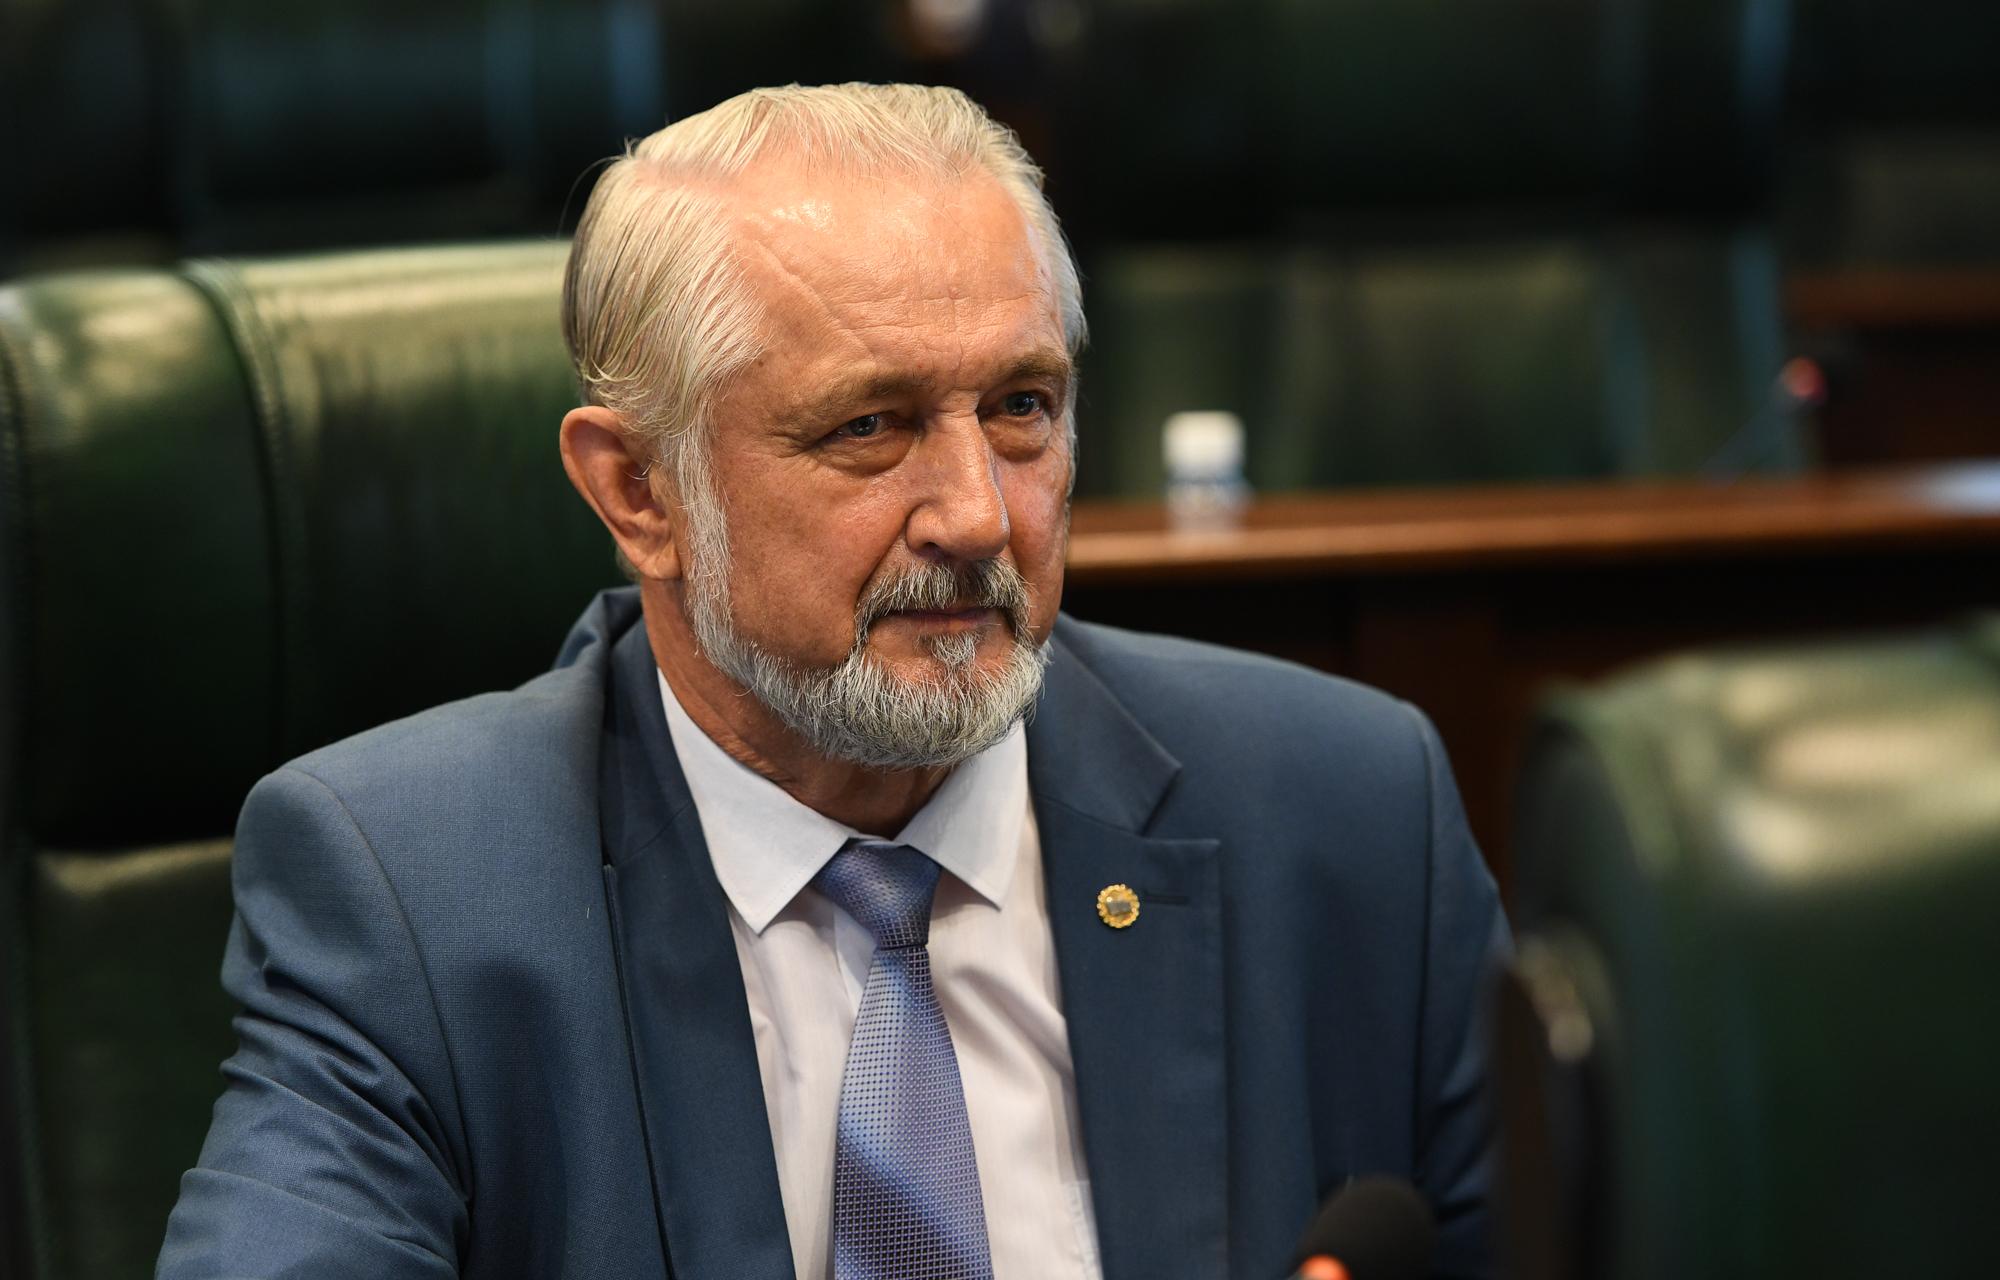 Владимир Данилов: Очень показательно, что в Законодательном собрании в этом созыве появился комитет по вопросам ЖКХ